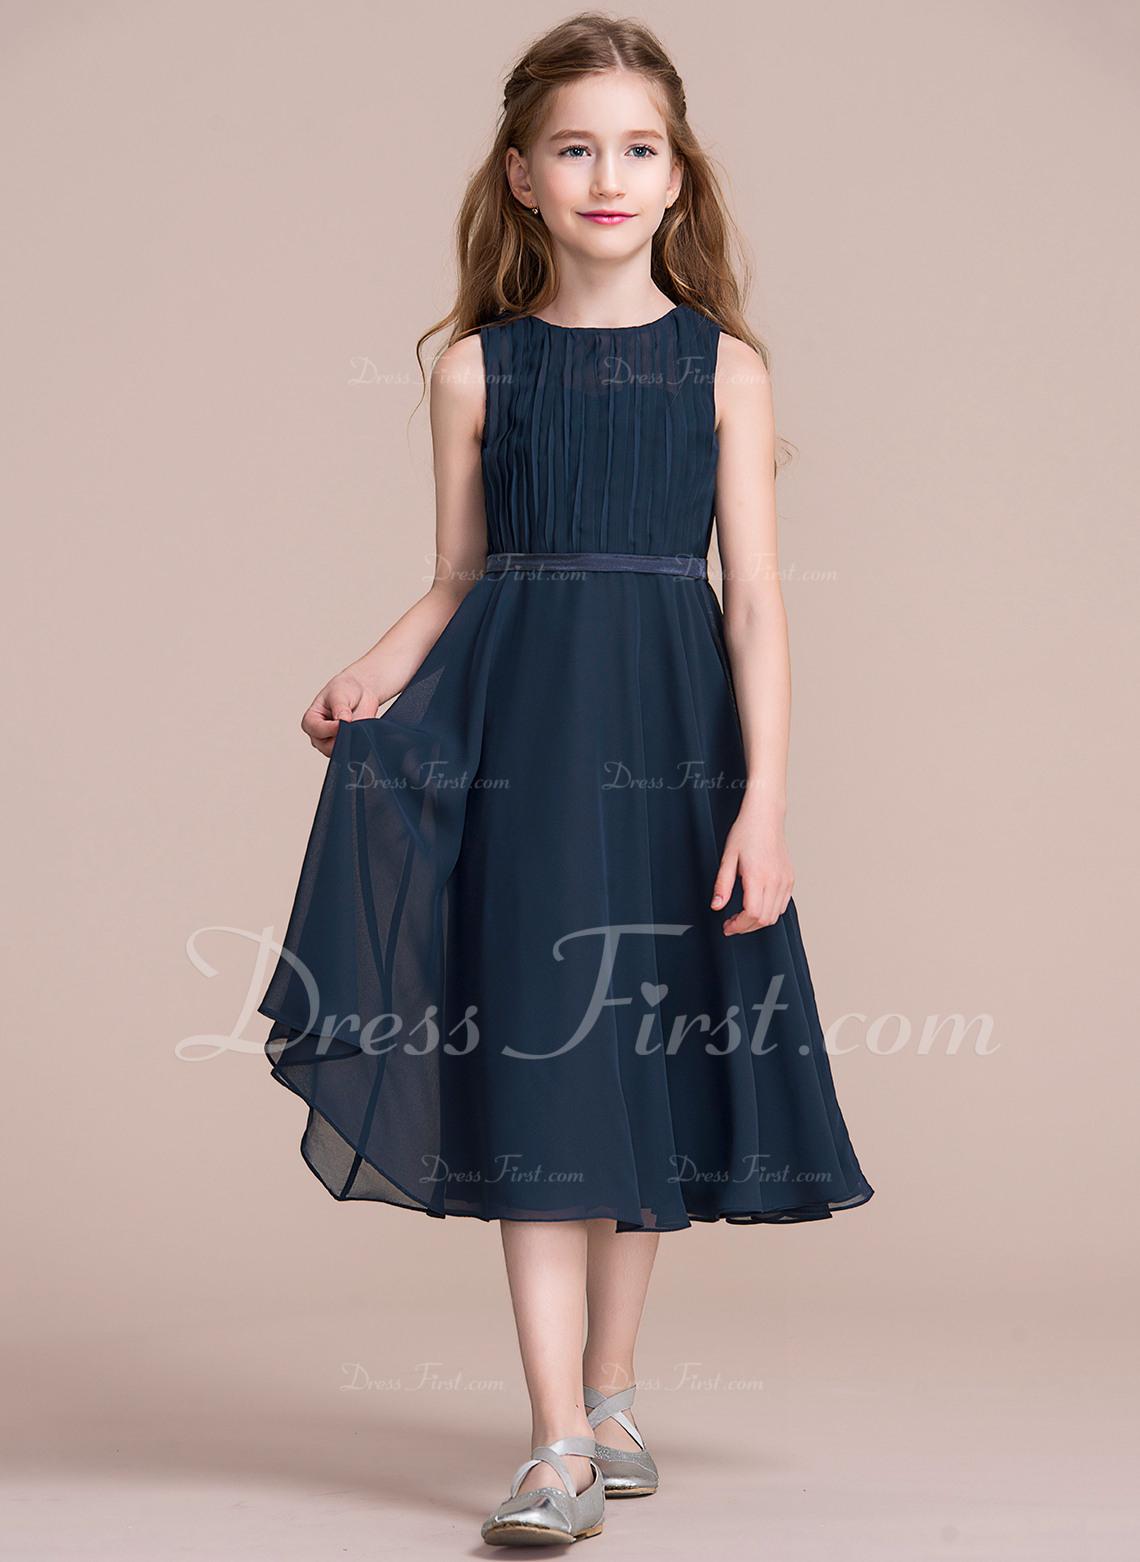 10 Cool Kleid Wadenlang Spezialgebiet17 Perfekt Kleid Wadenlang Stylish